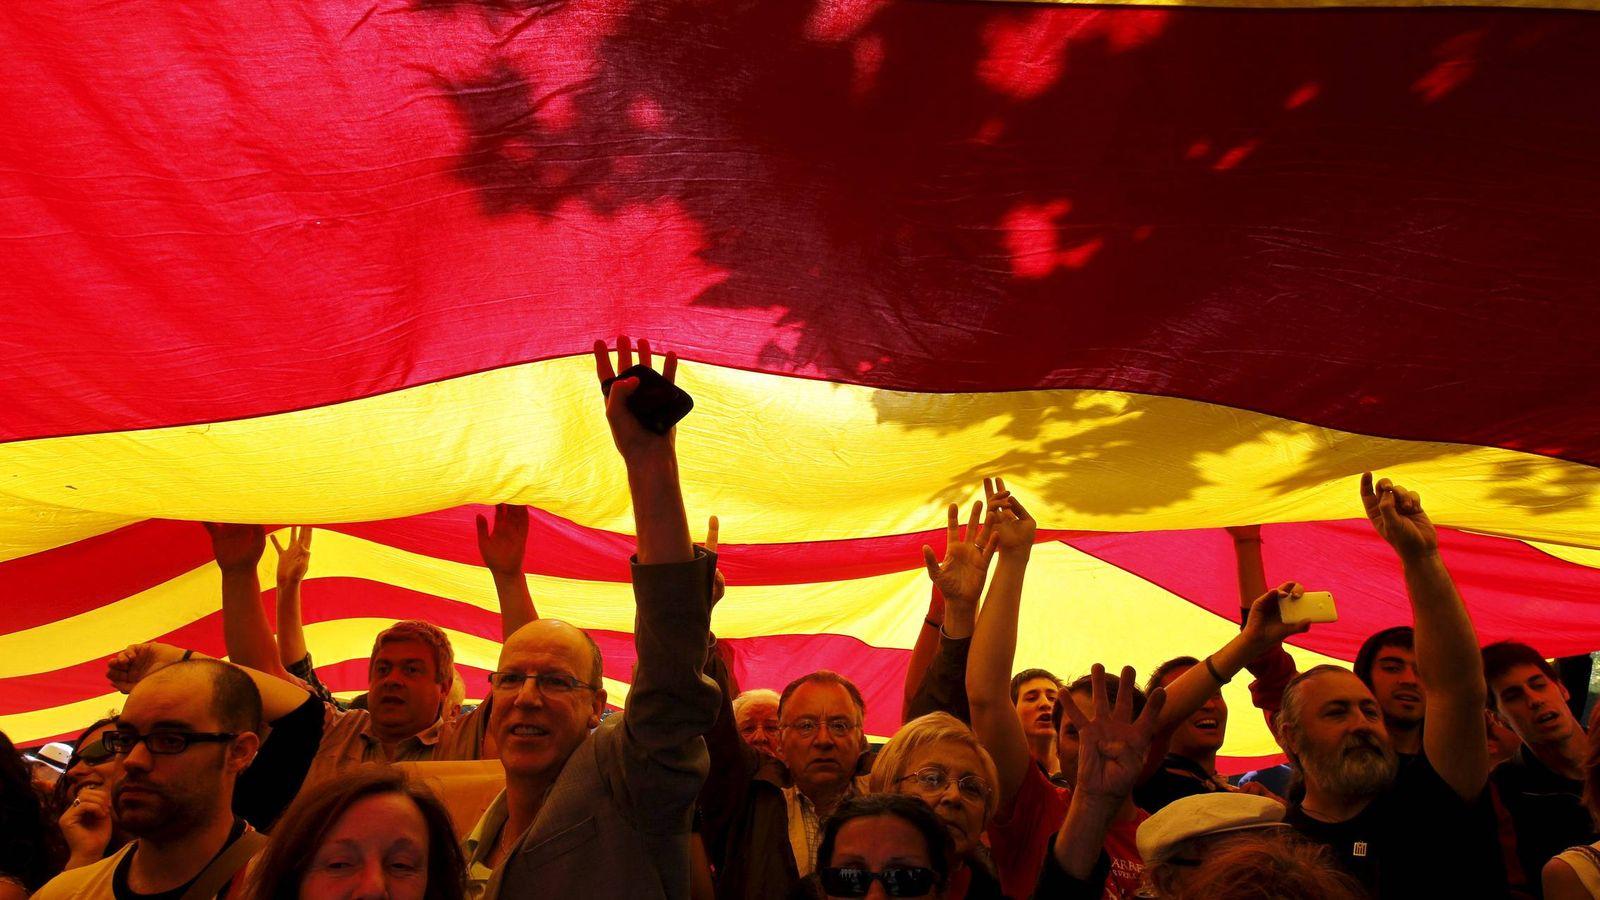 Foto: El independentismo tiene cada vez más carácter festivo. Alberto Estévez (Efe)